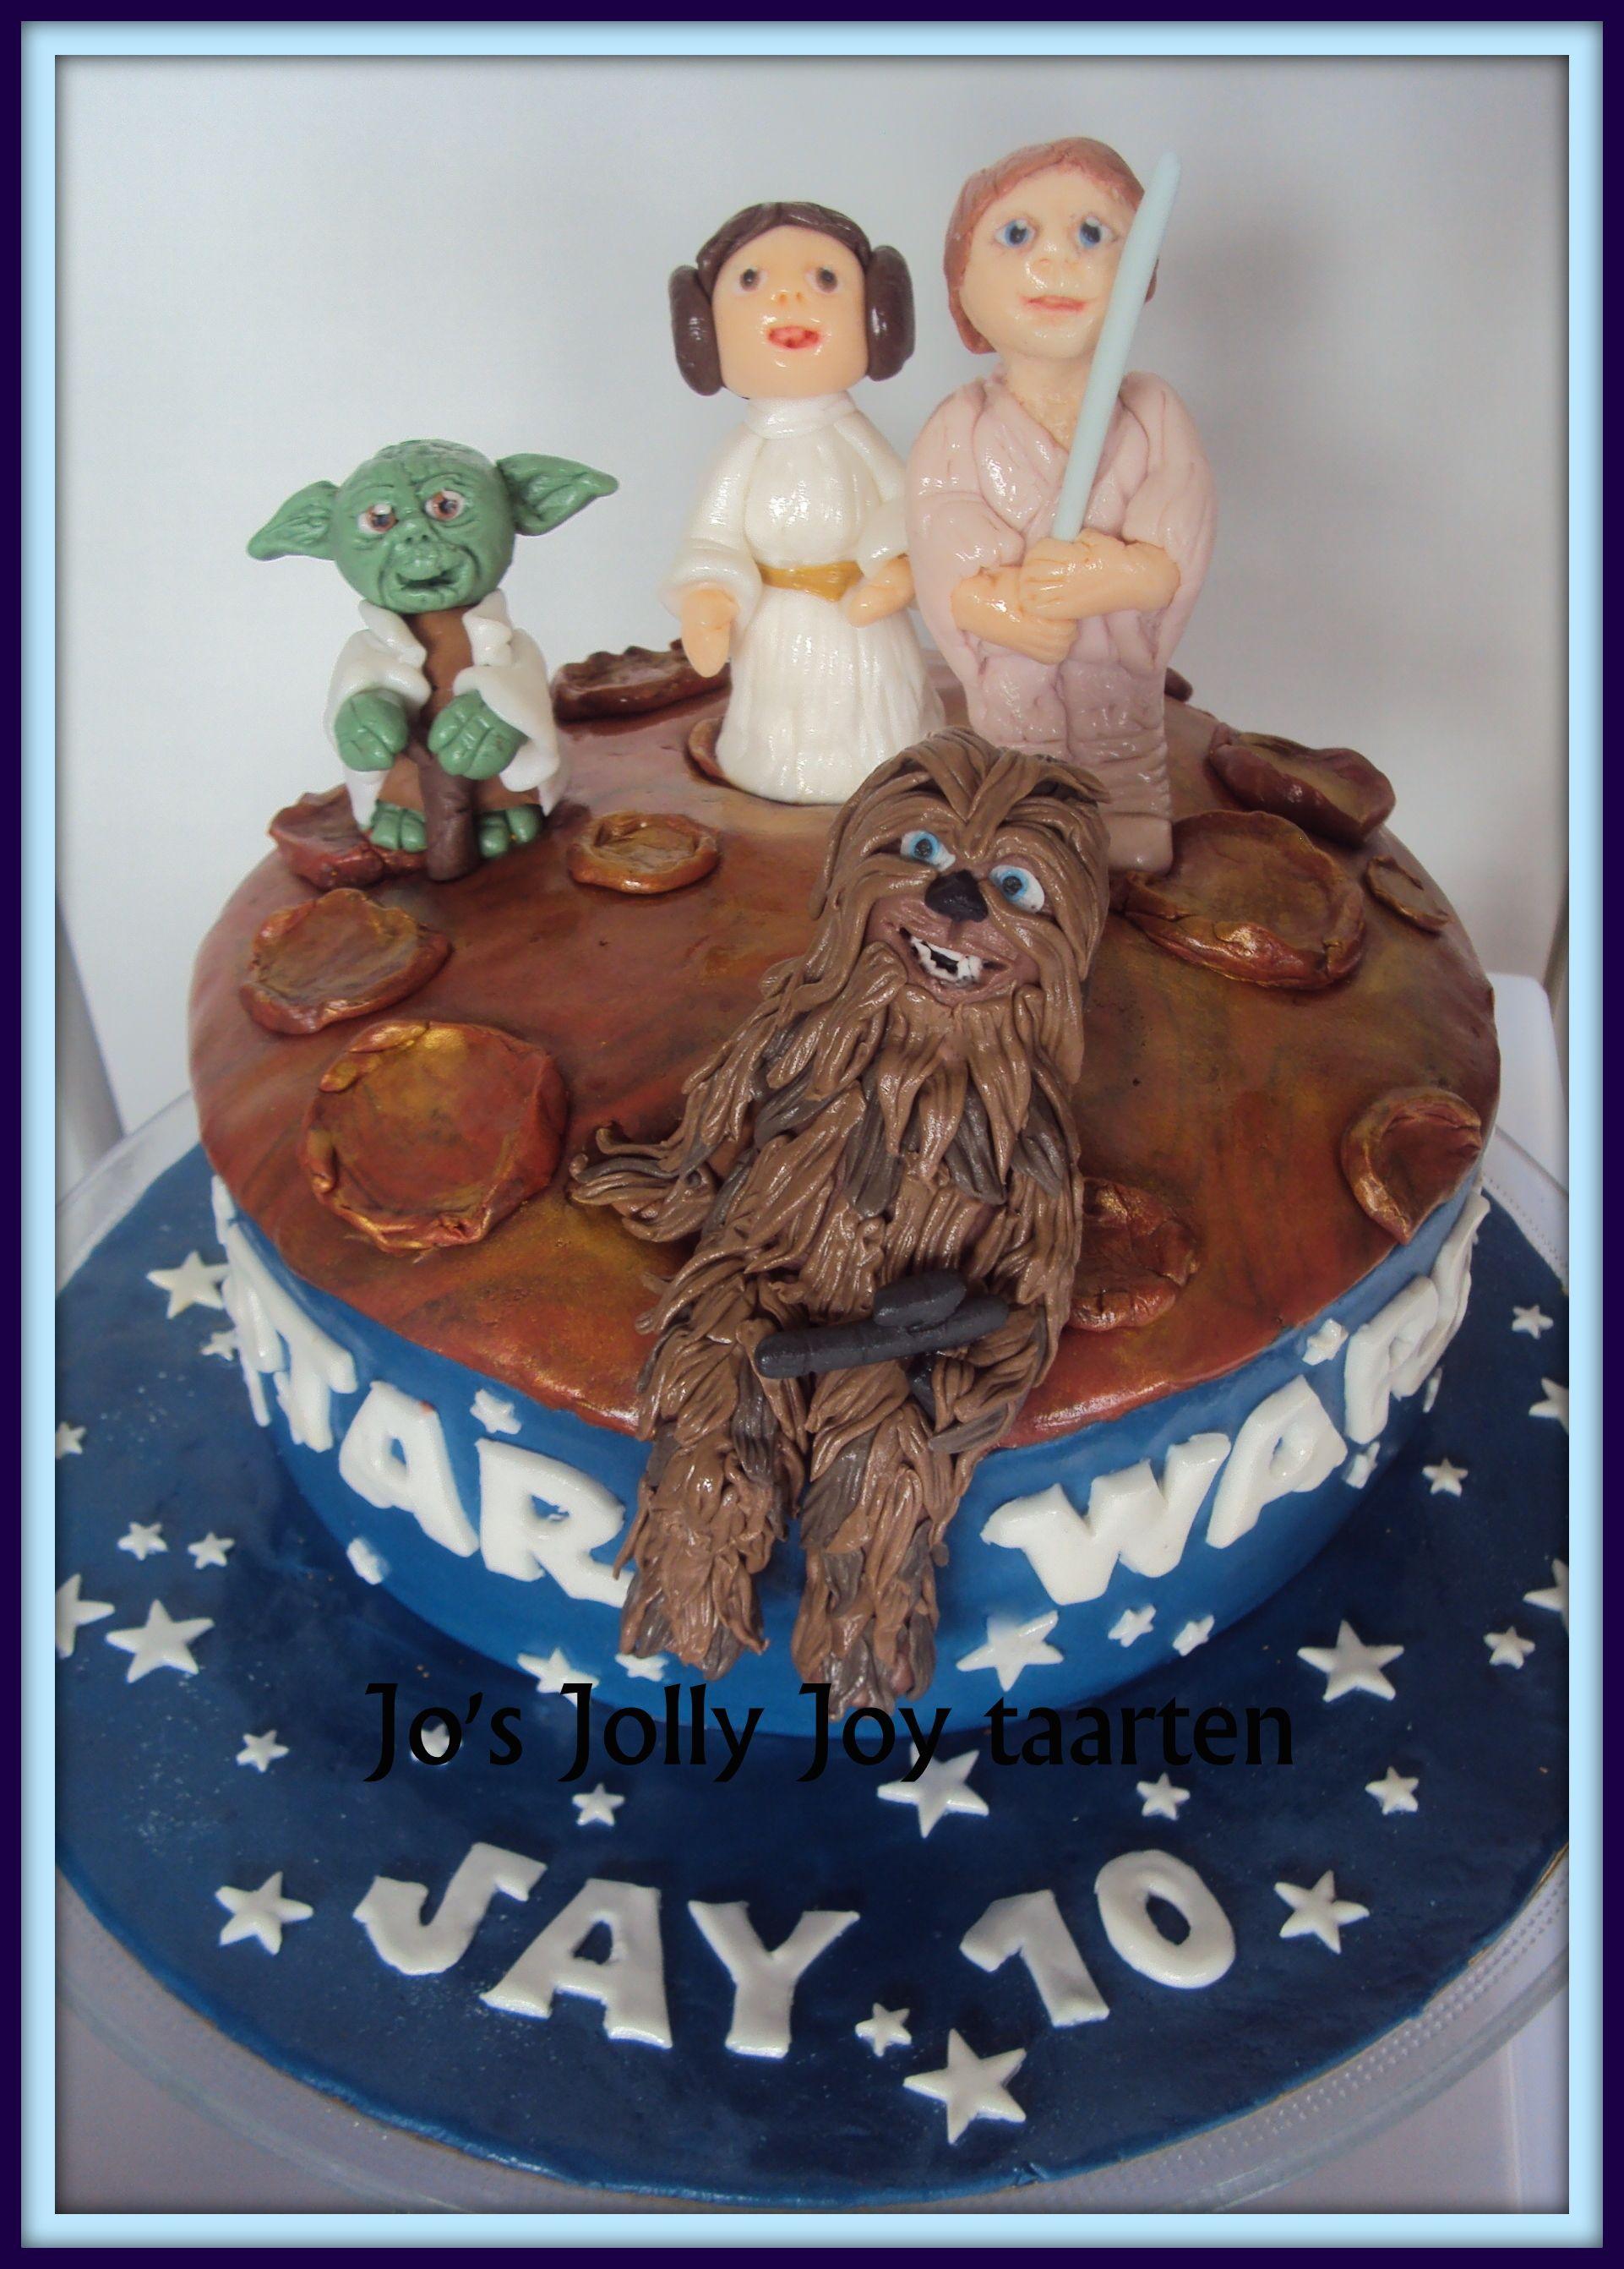 Star Wars Taart Helemaal In Hogere Sferen Met Deze Taart Gevuld Met Aardbeienjam En Aarbeienbavarois En Een Laag Slagroom M Taart Aardbeienjam Pure Chocolade